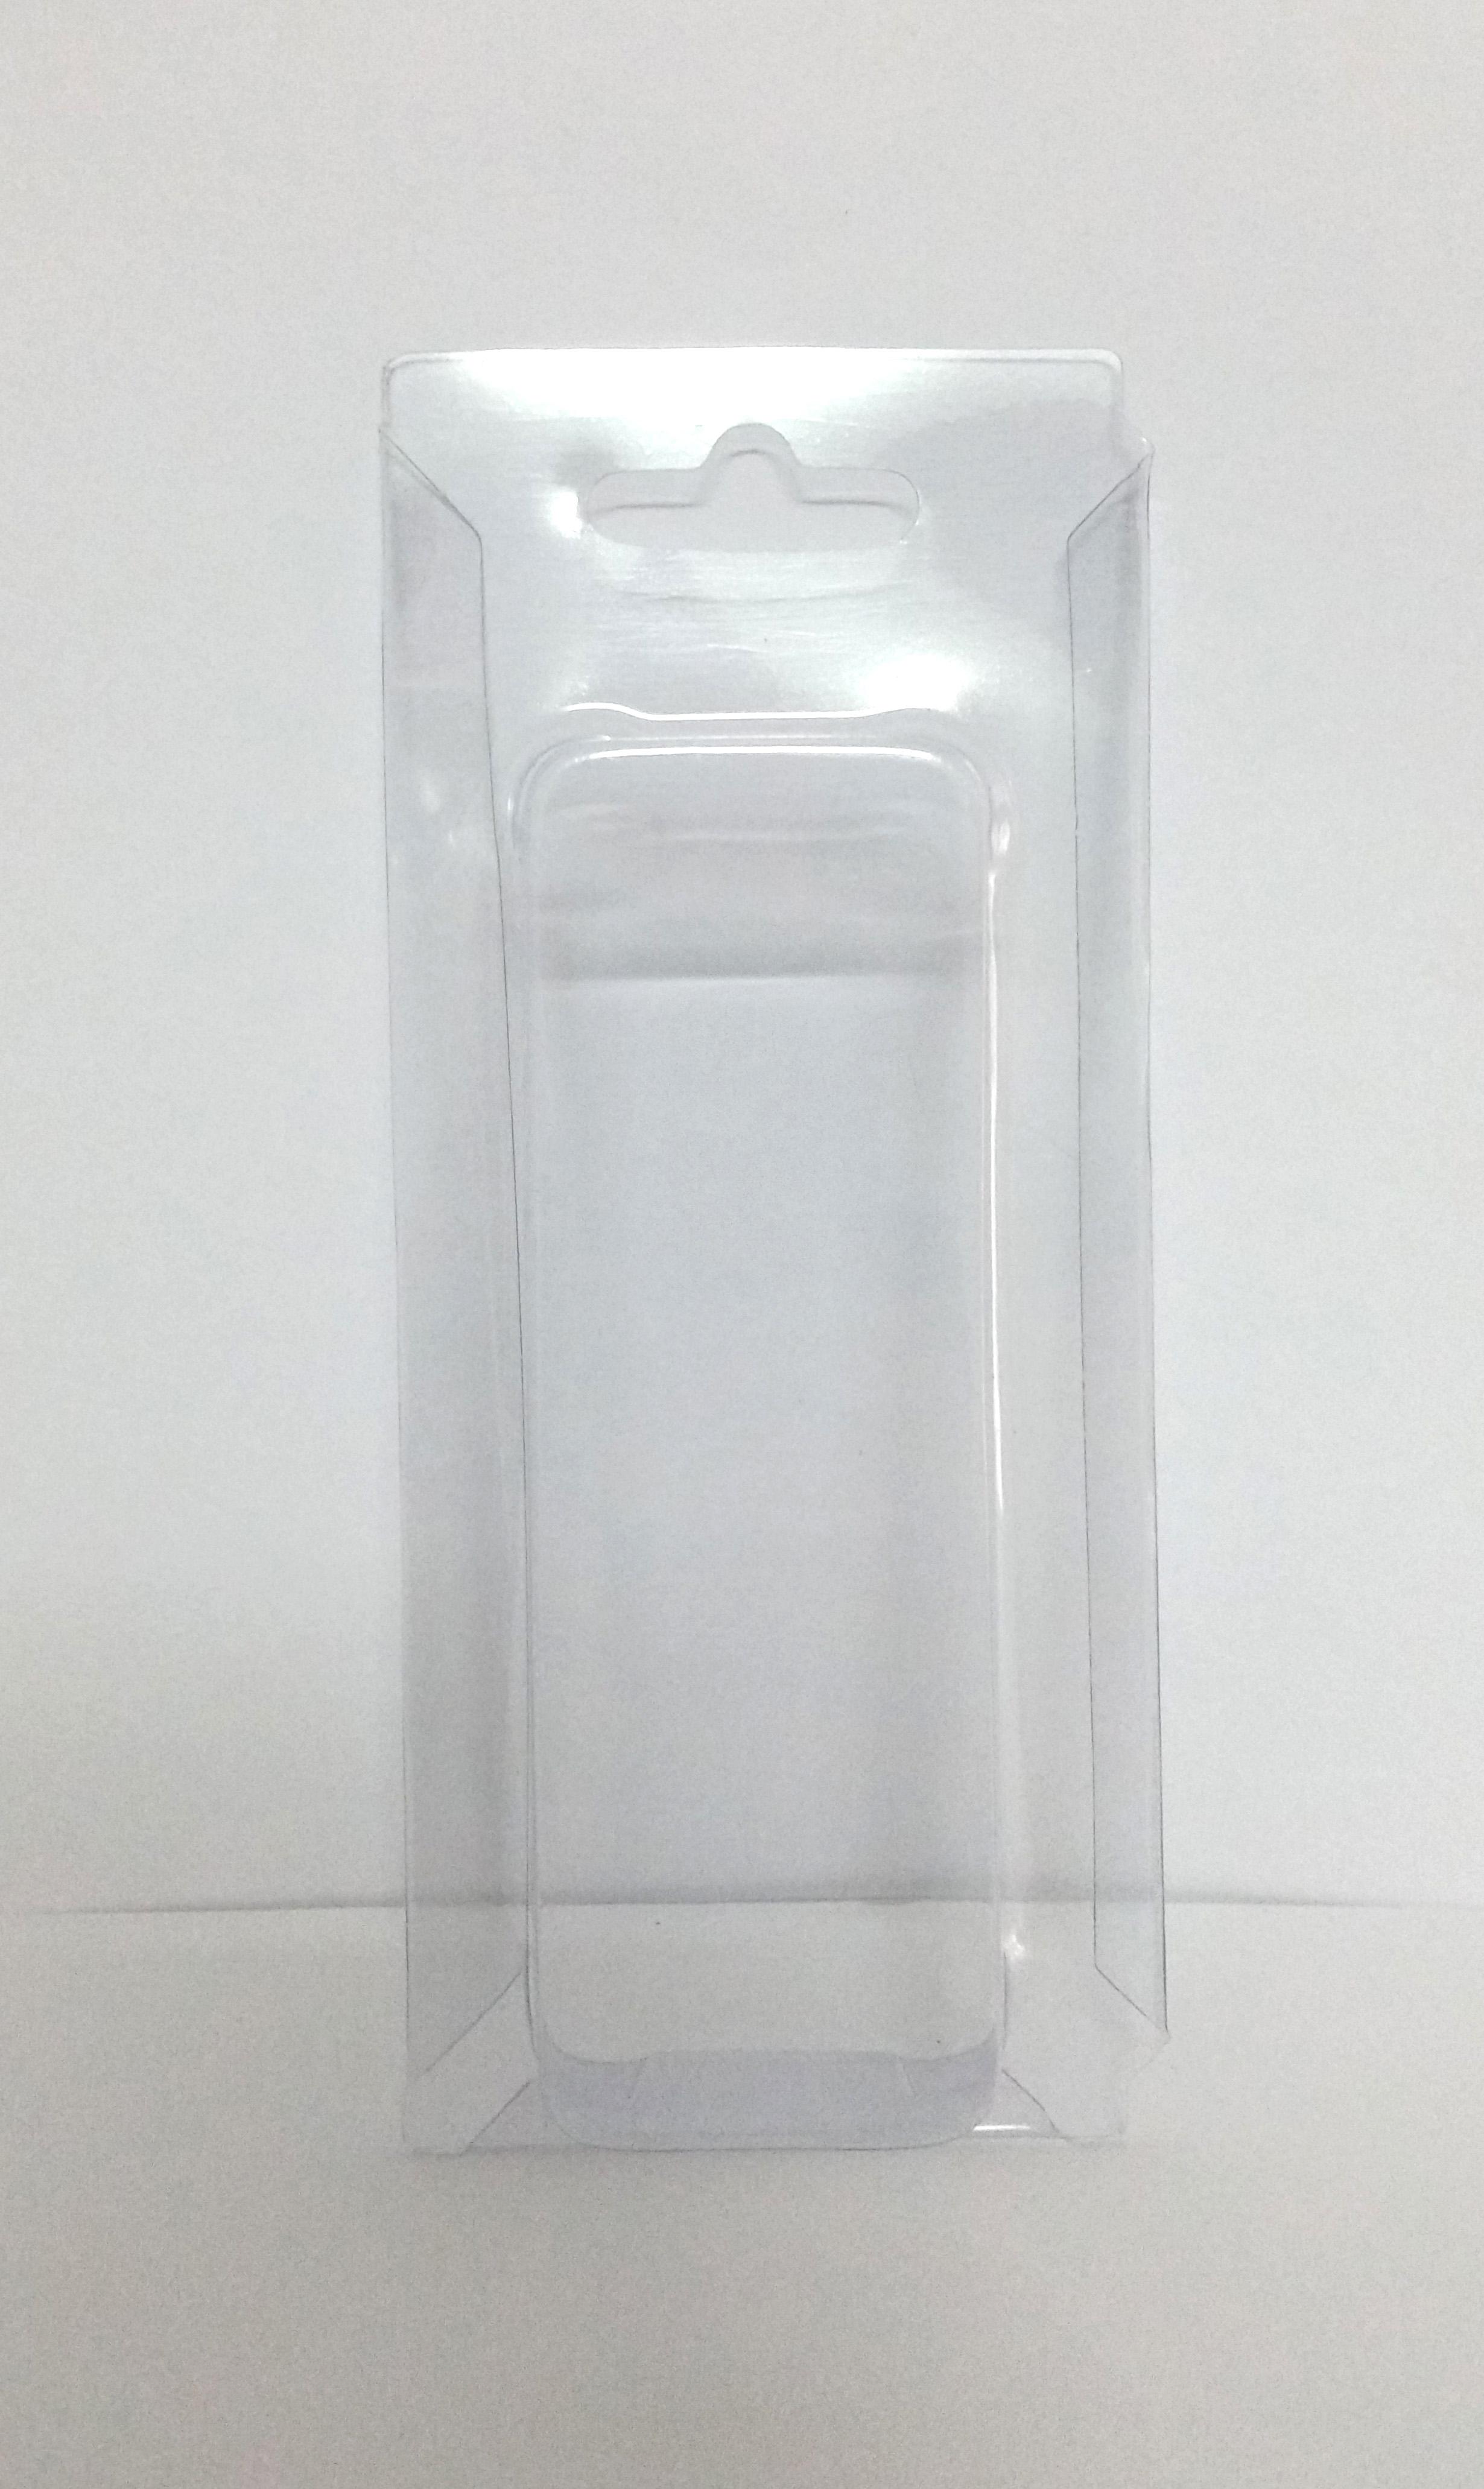 กล่องแวคคั่ม ขนาดใส่สินค้า 4 x 12 x 2.7 cm